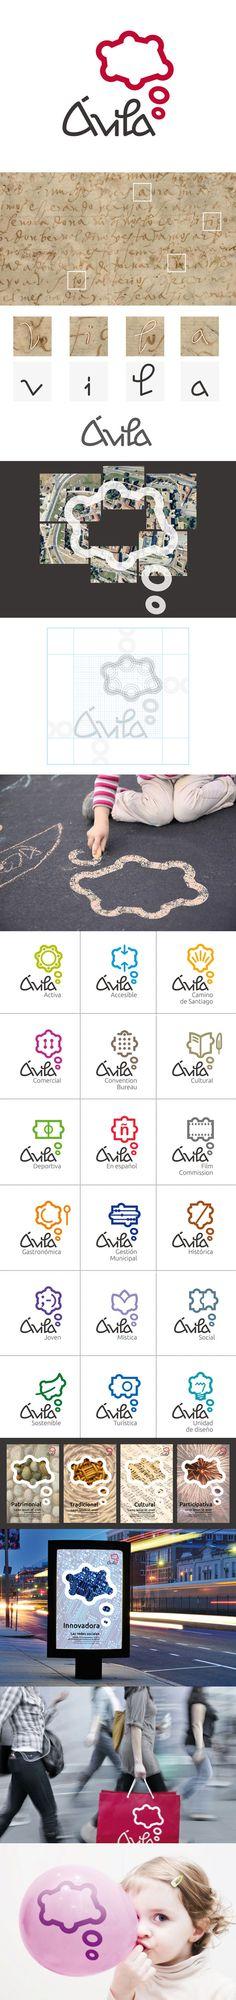 Identity for Avila, Spain #city_brand 2012